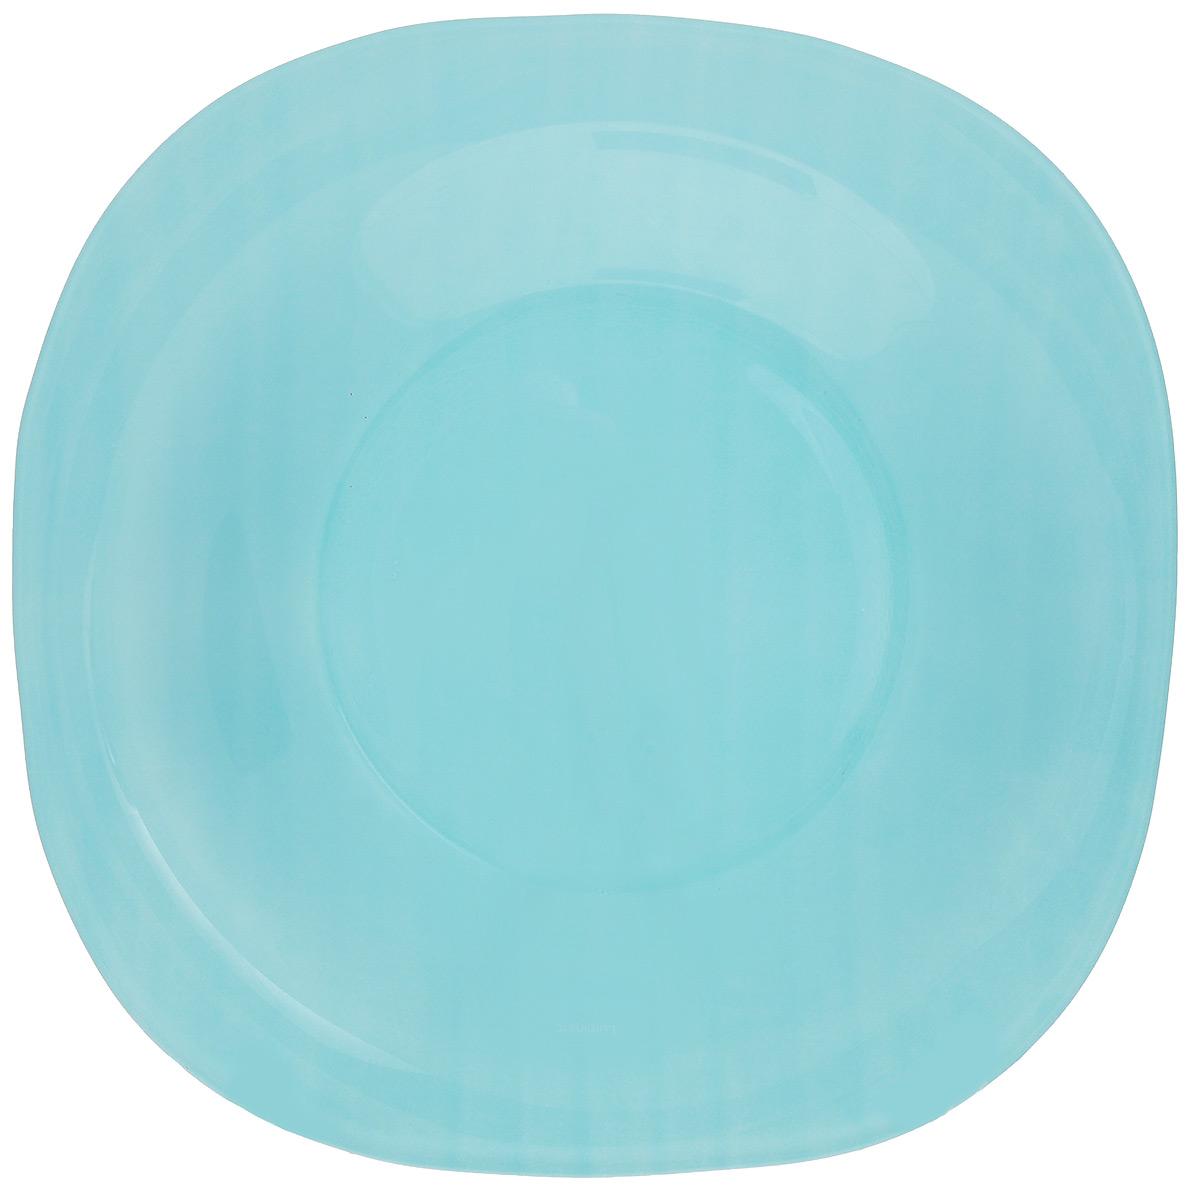 Тарелка глубокая Luminarc Colorama, диаметр 20,5 смVT-1520(SR)Глубокая тарелка Luminarc Colorama выполнена изударопрочного стекла и оформлена в классическом стиле.Изделие сочетает в себе изысканный дизайн с максимальнойфункциональностью. Она прекрасно впишется винтерьер вашей кухни и станет достойным дополнениемк кухонному инвентарю. Тарелка Luminarc Colorama подчеркнет прекрасный вкус хозяйкии станет отличным подарком. Диаметр (по верхнему краю): 20,5 см.Высота стенки: 3 см.